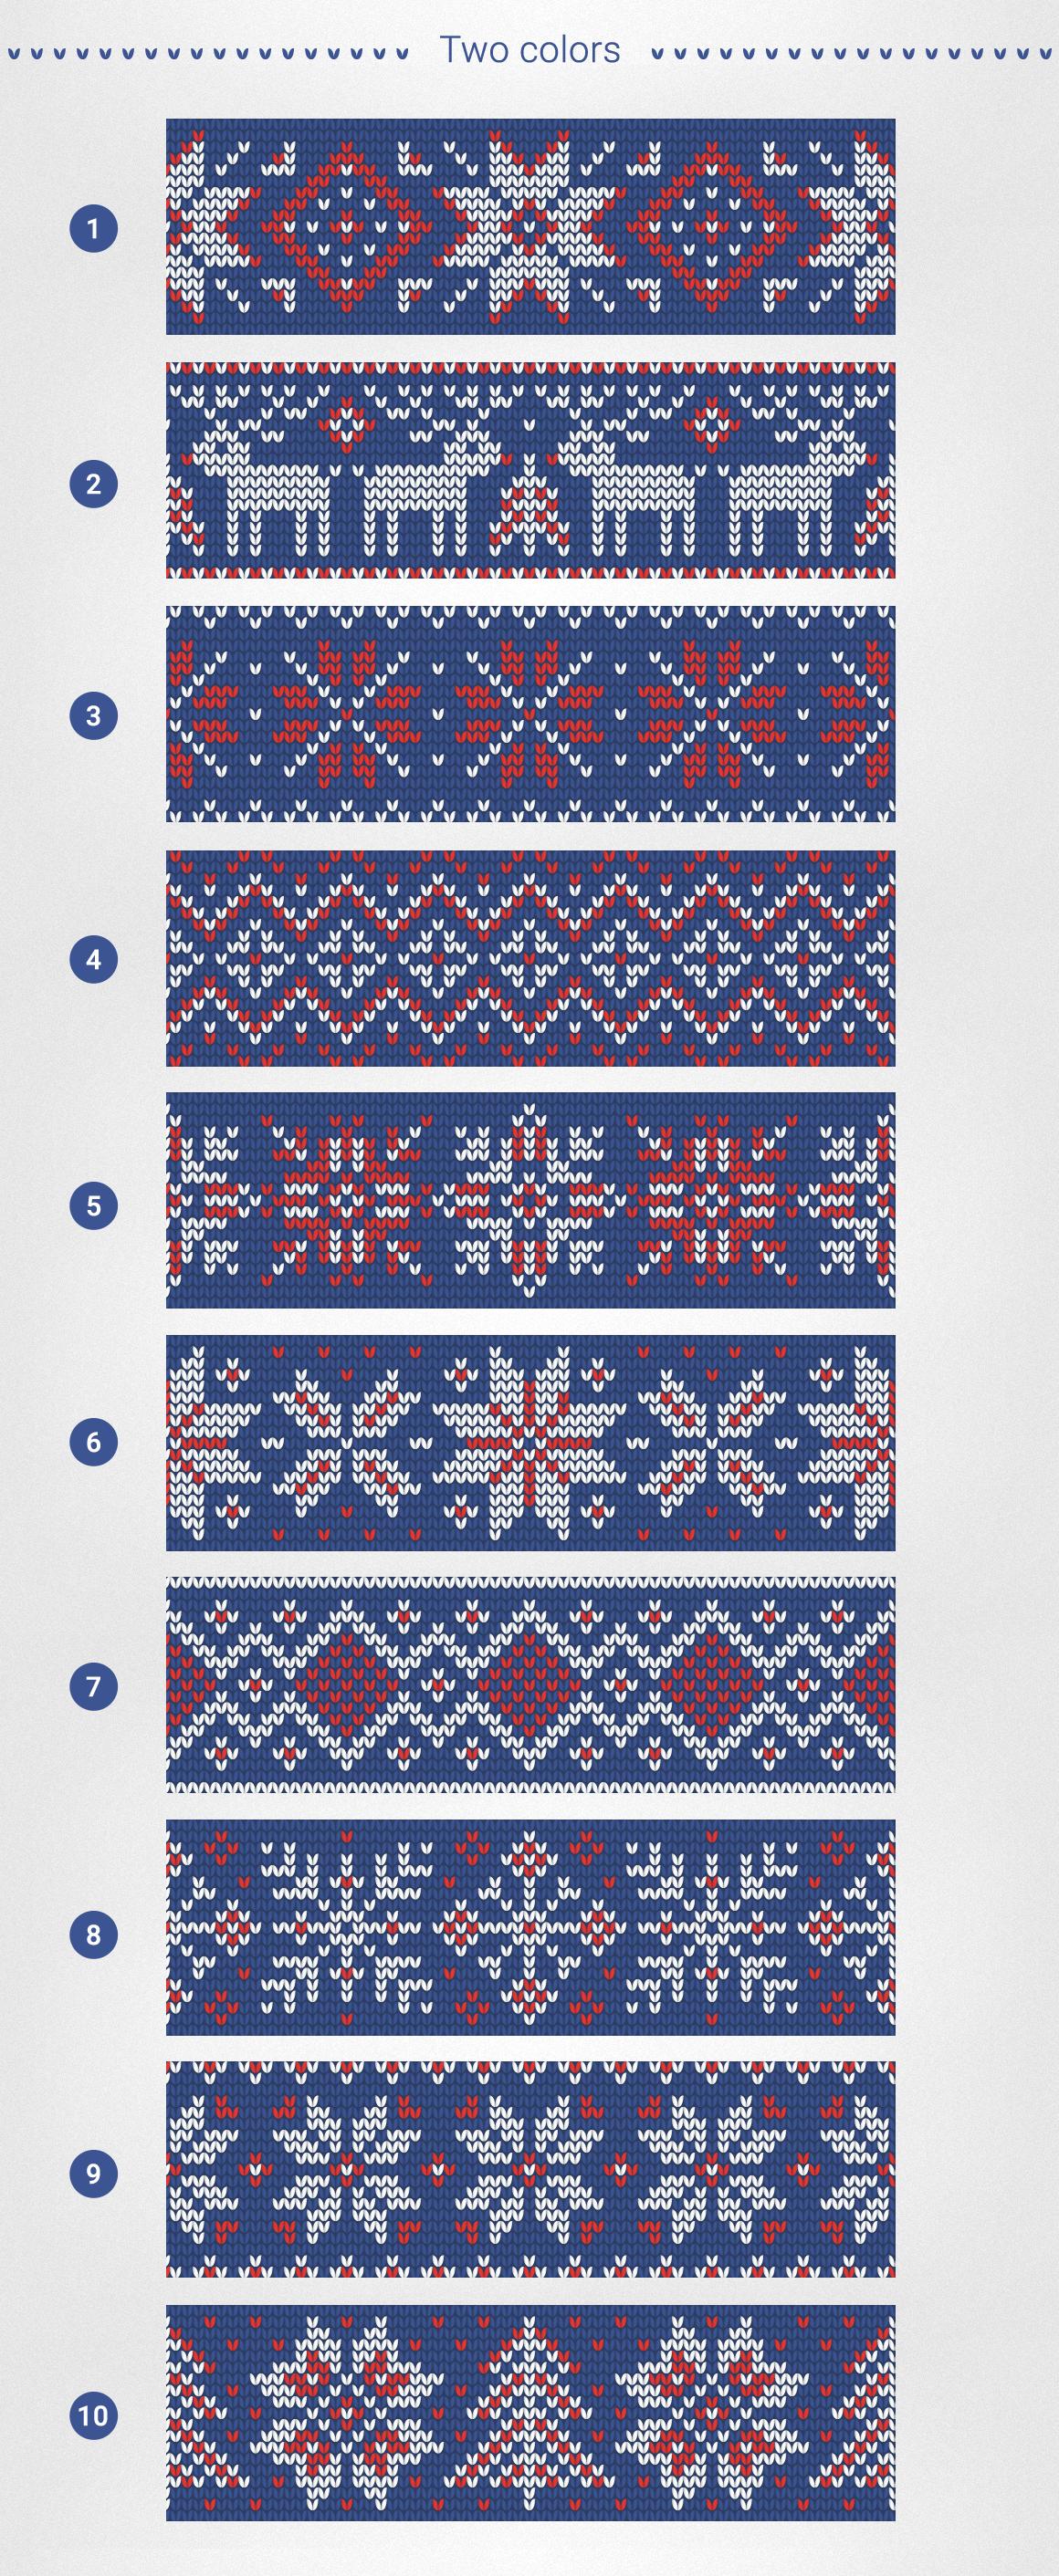 1000 Knitting Patterns Generator example image 8